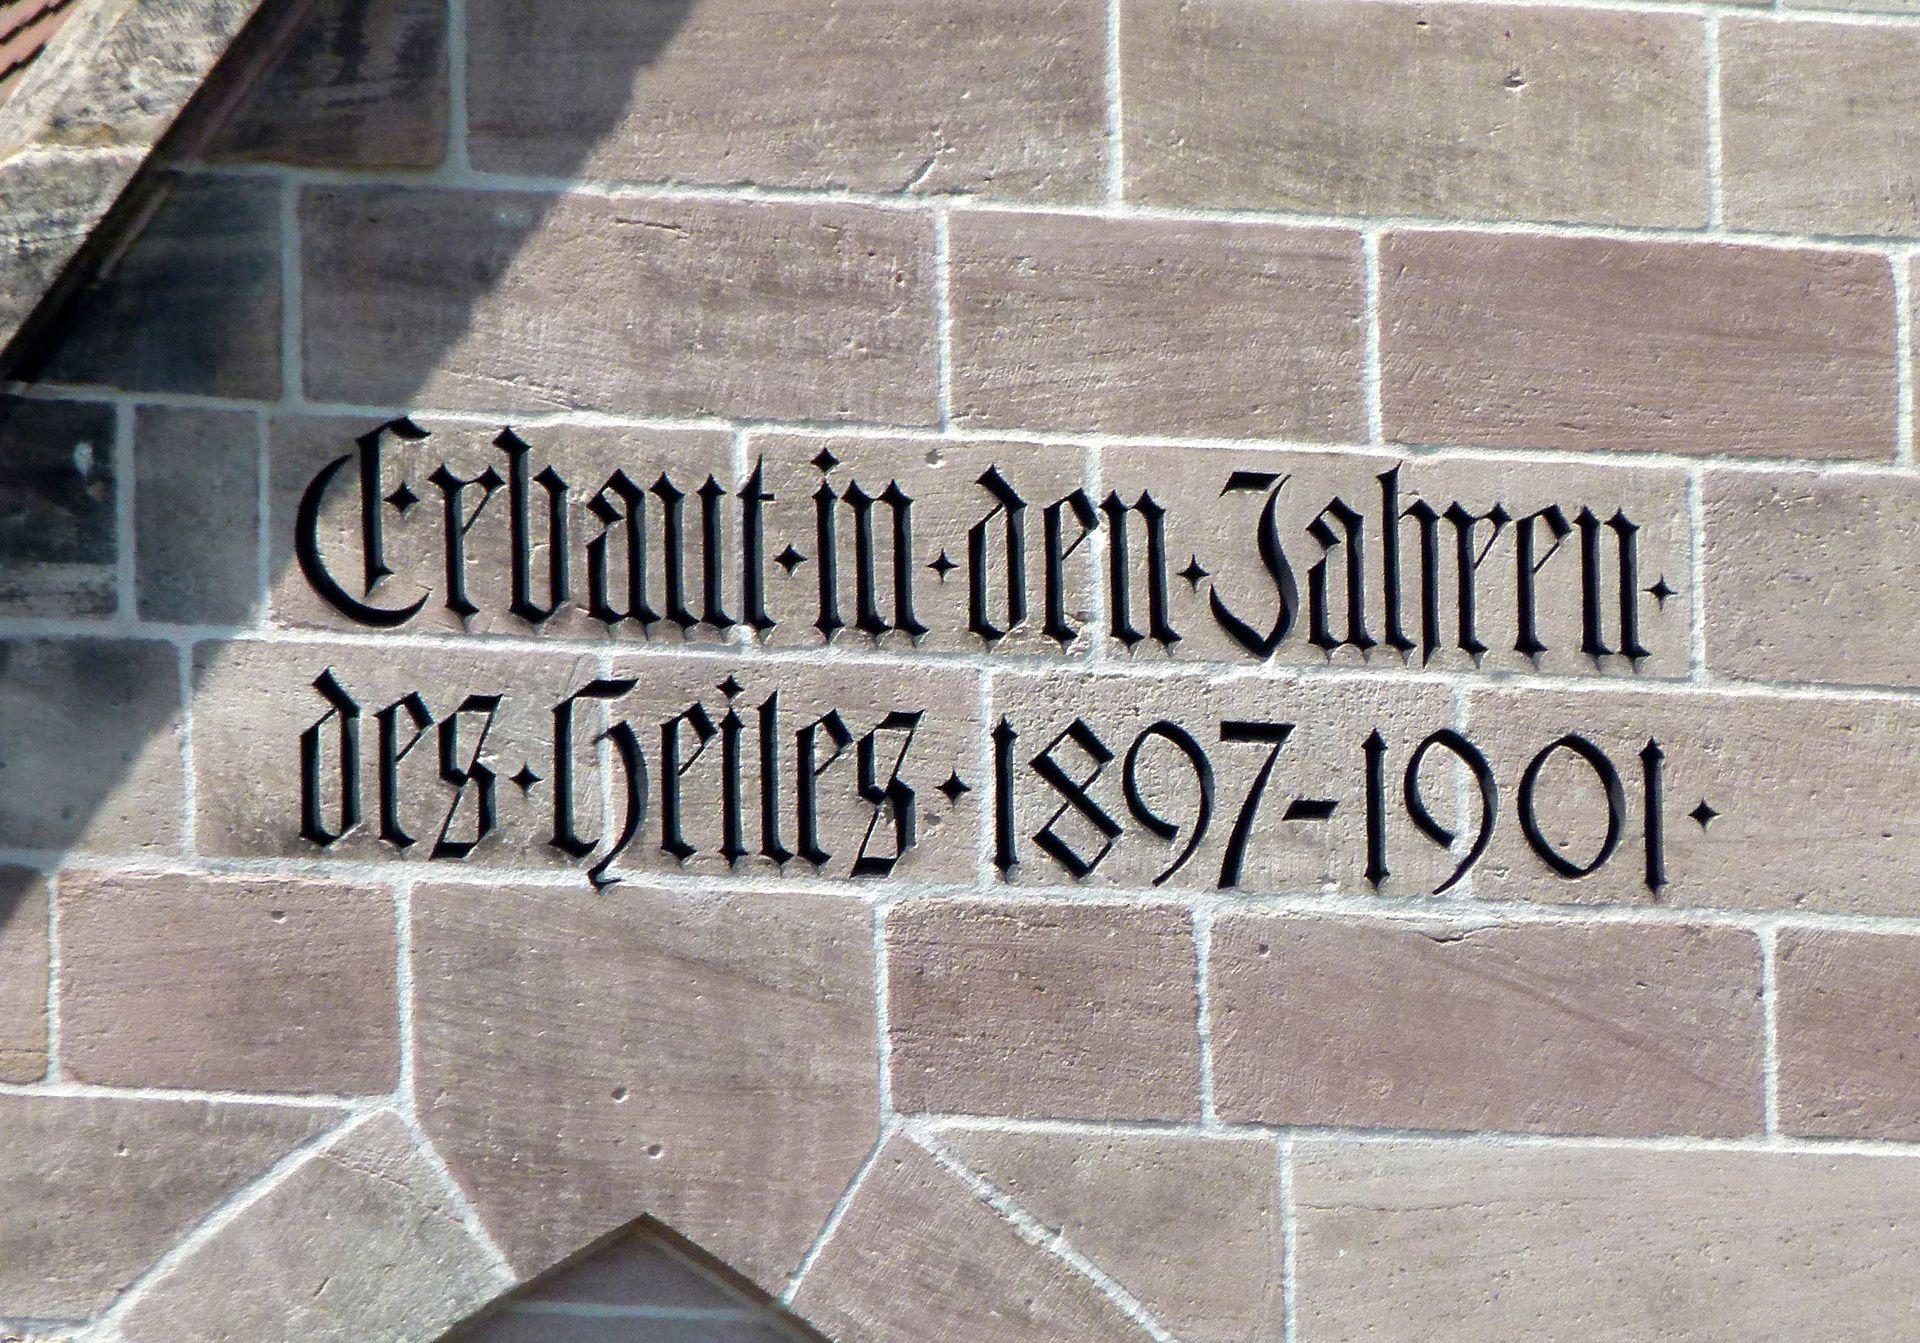 St. Peter Bauinschrift an der Kirchenfassade